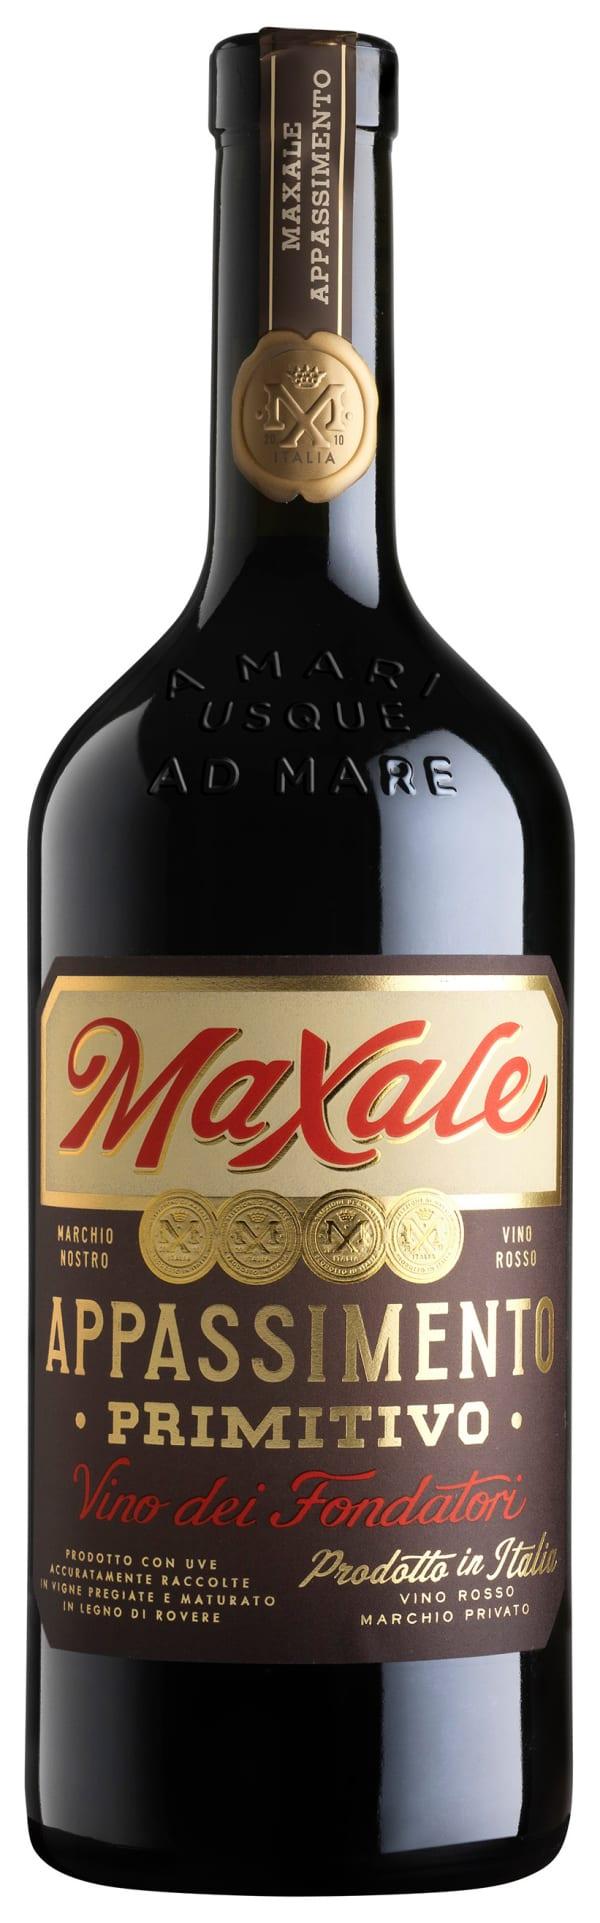 Maxale Appassimento Primitivo 2019